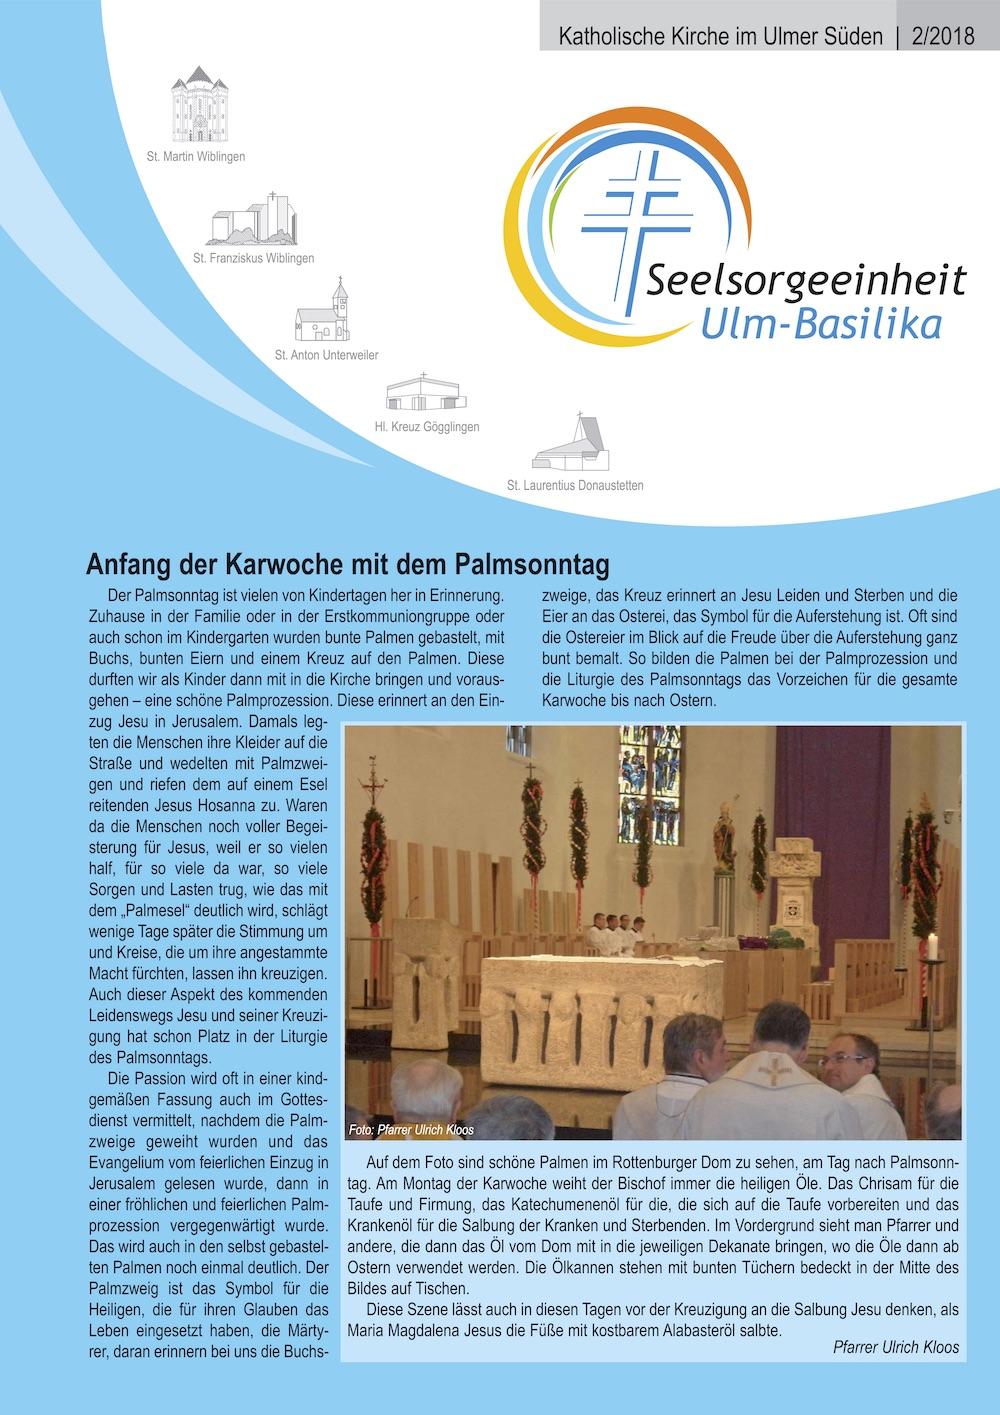 Katholische Kirche im Ulmer Süden 2-2018